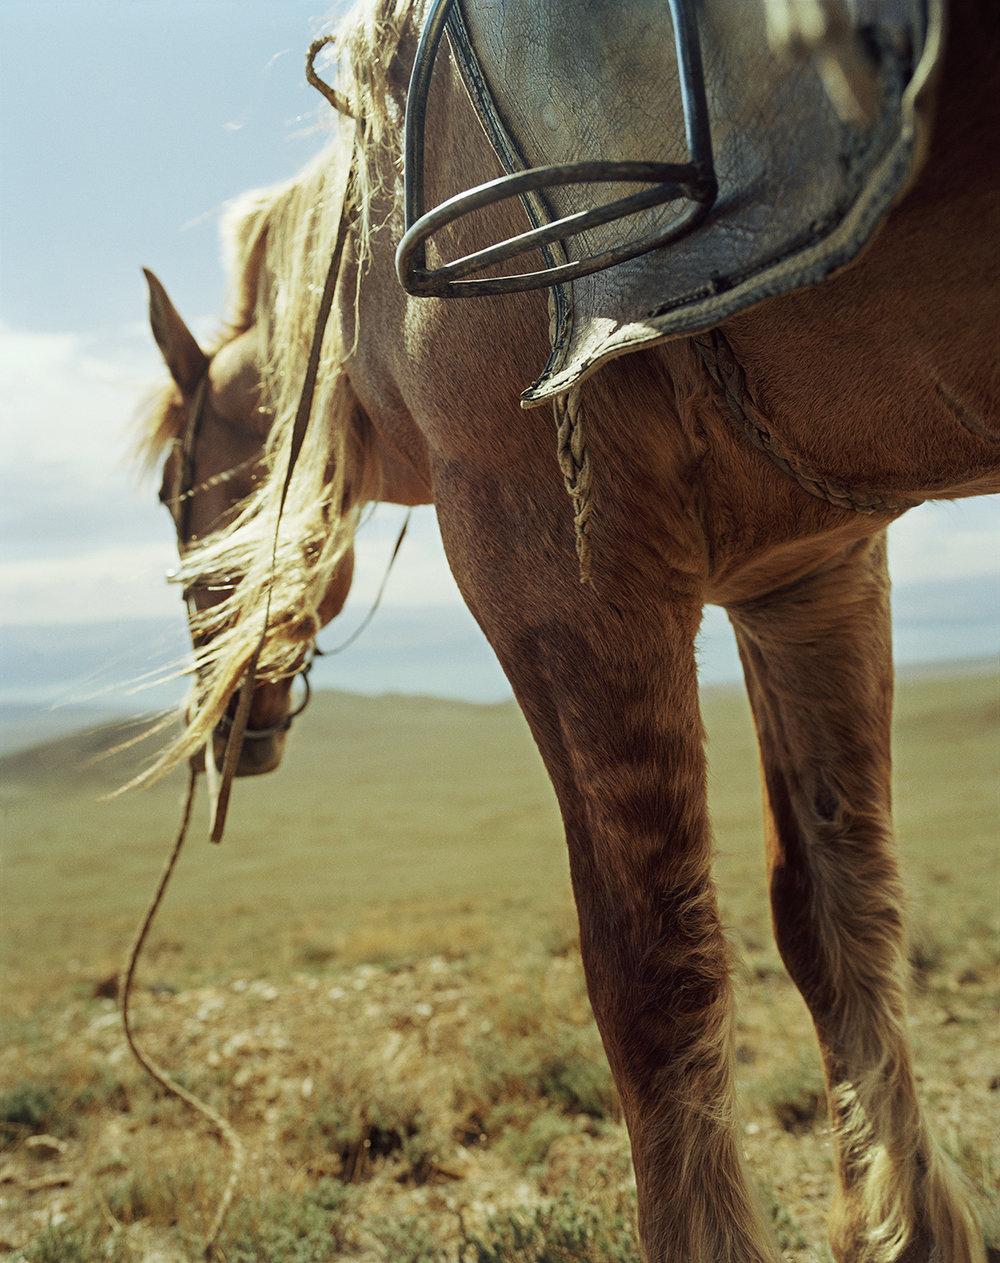 Mongolia_summer01_29_17_lighter.jpg